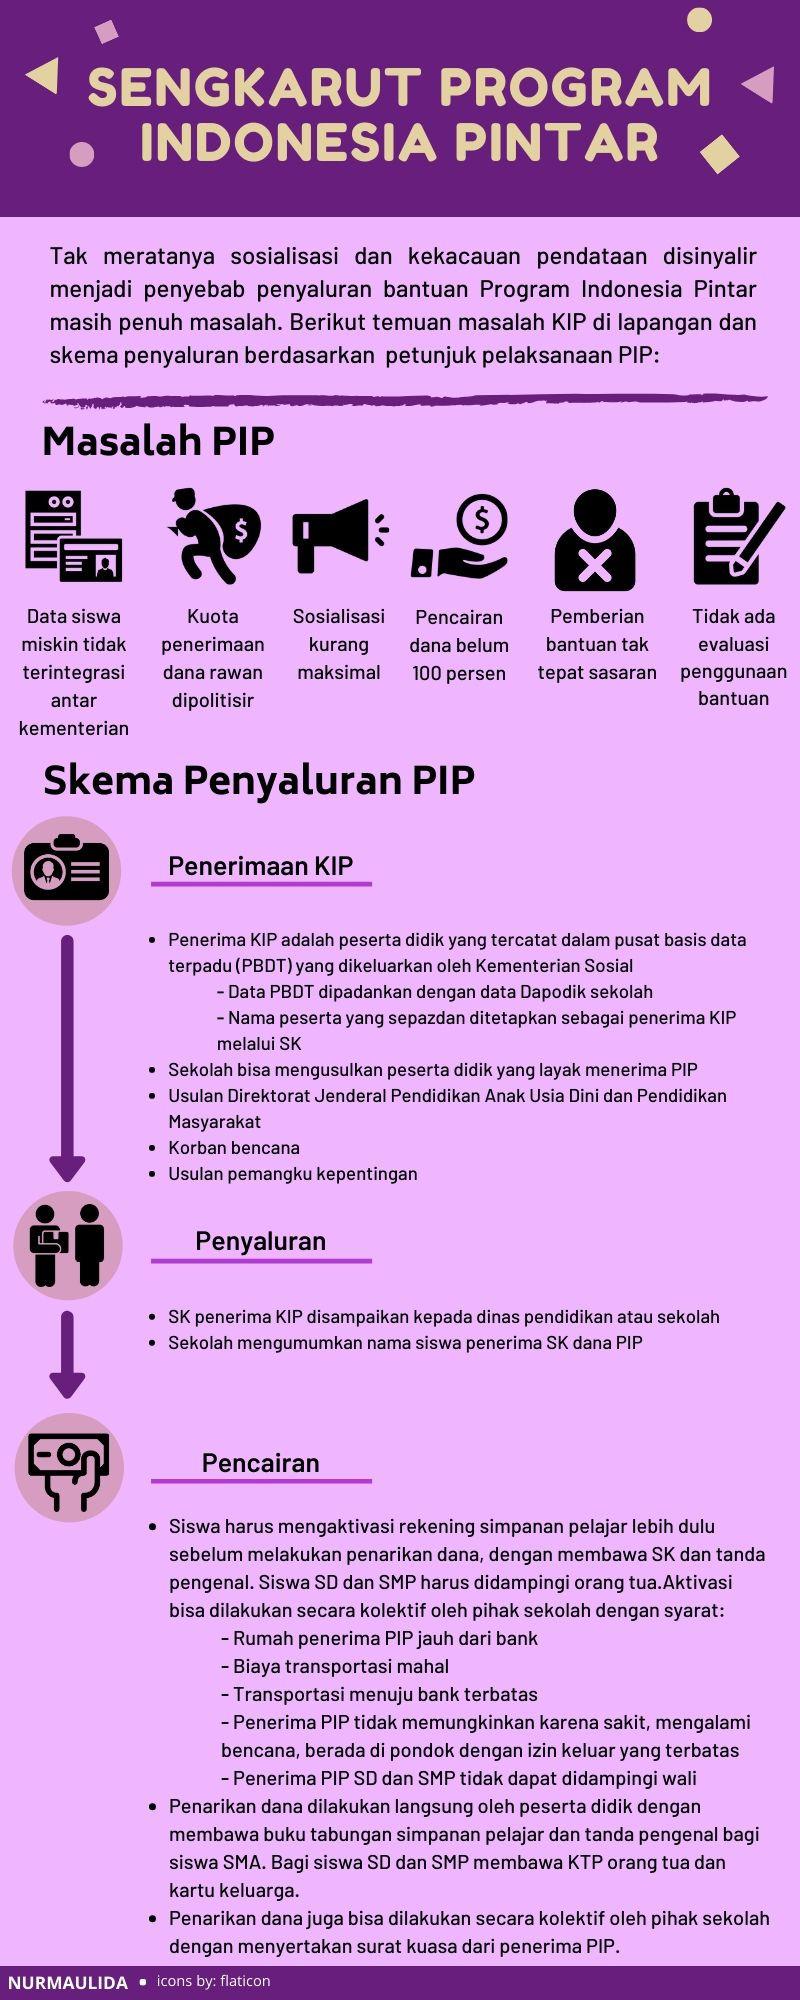 Sengkarut Program Indonesia Pintar Rekening Melompong Kartu Ungu